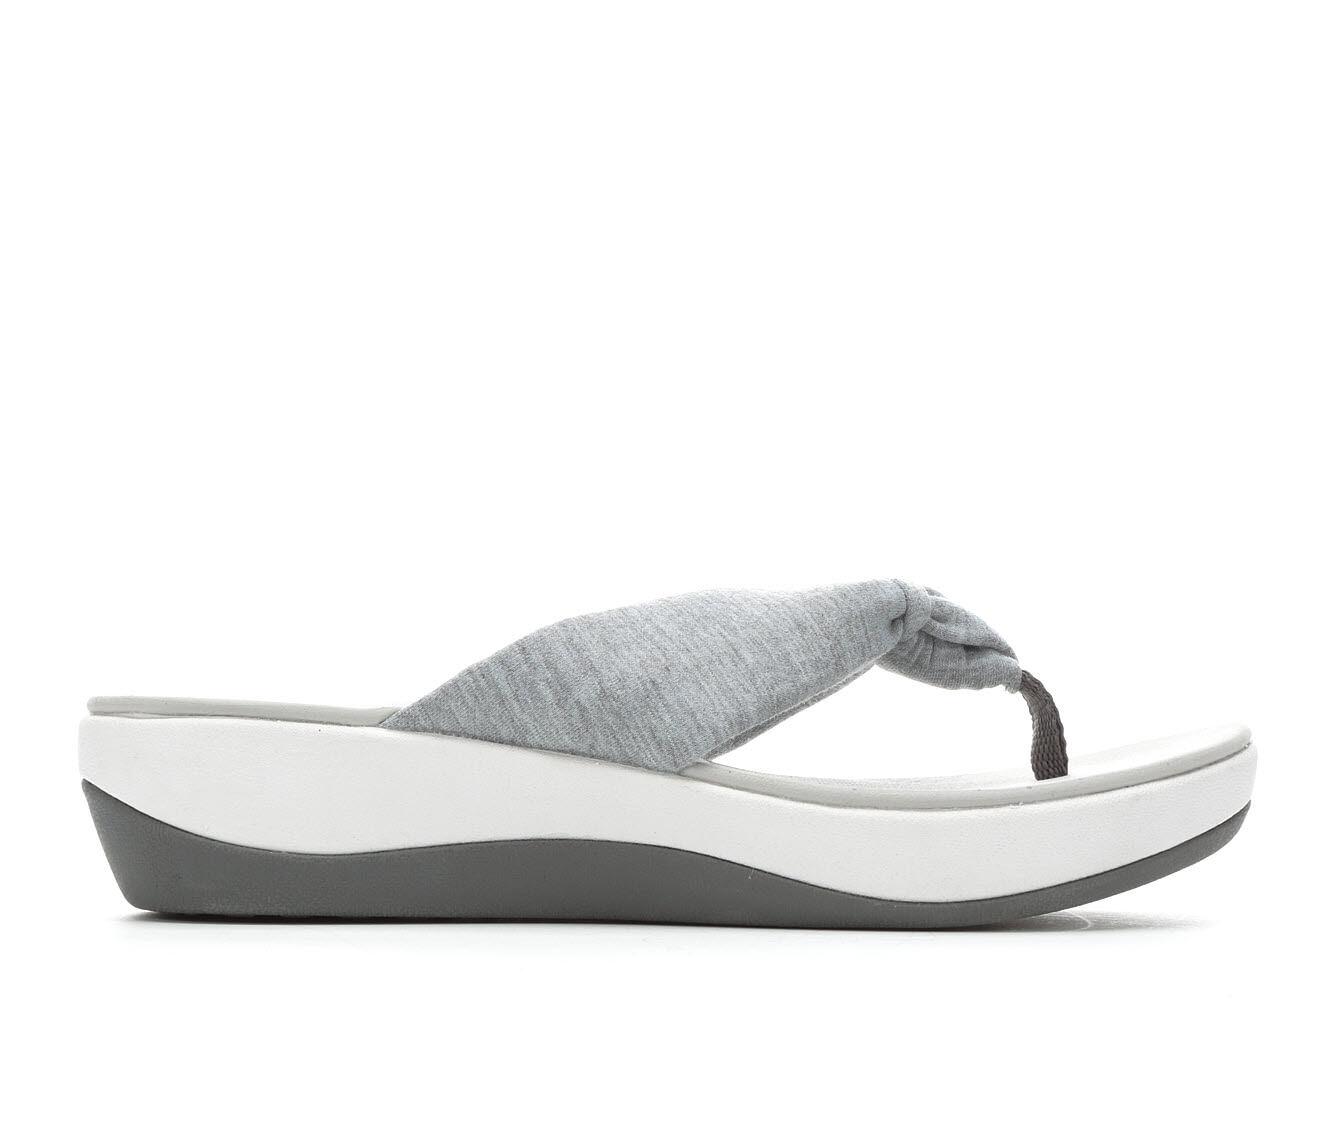 Women's Clarks Arla Glison Cloudsteppers Flip-Flops Grey